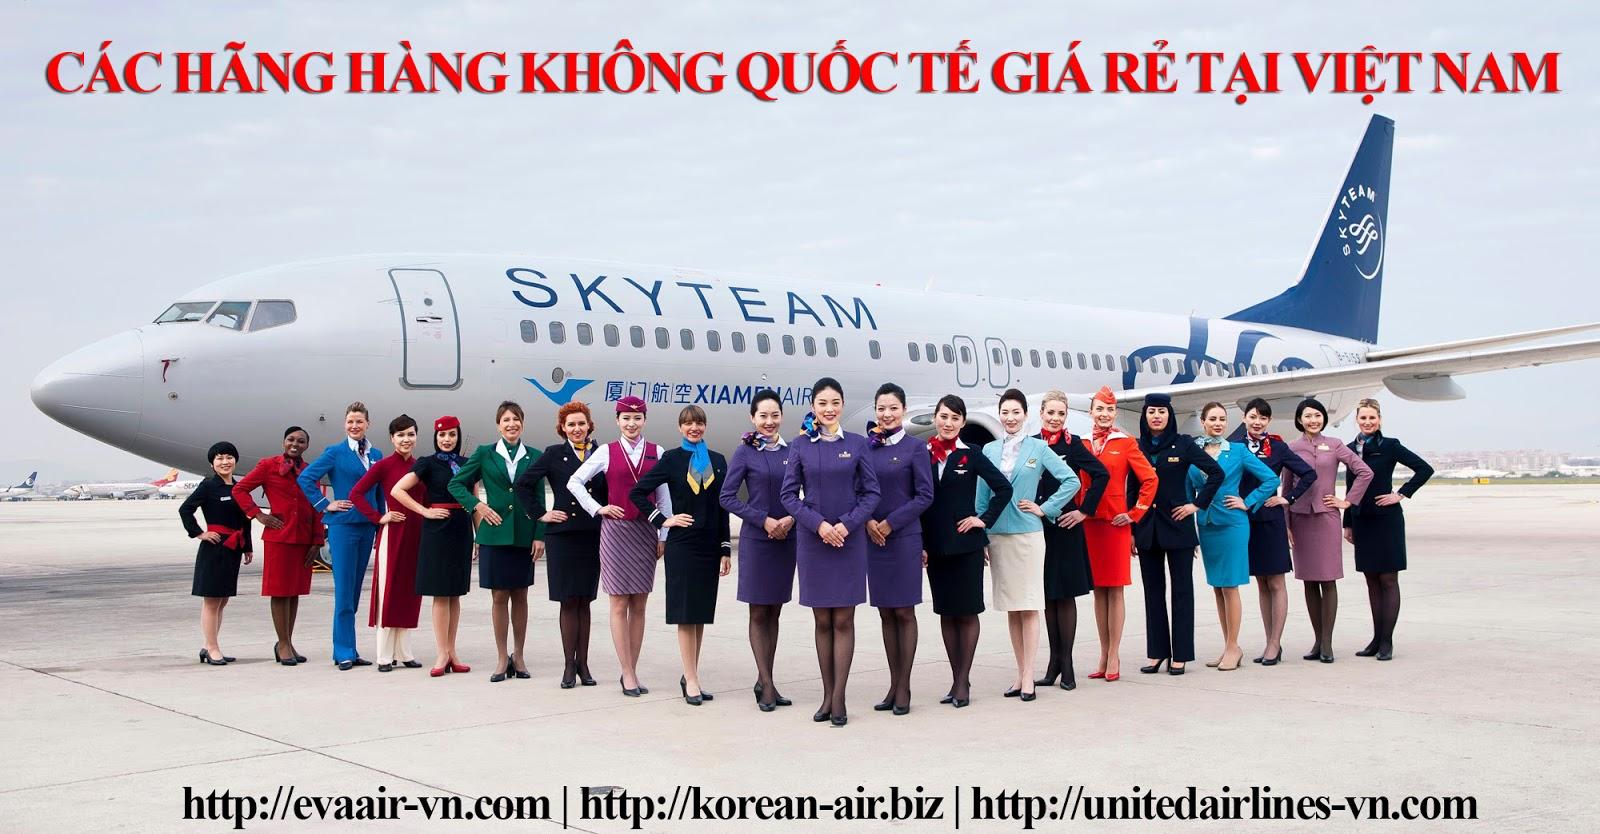 Các hãng hàng không quốc tế ở việt nam